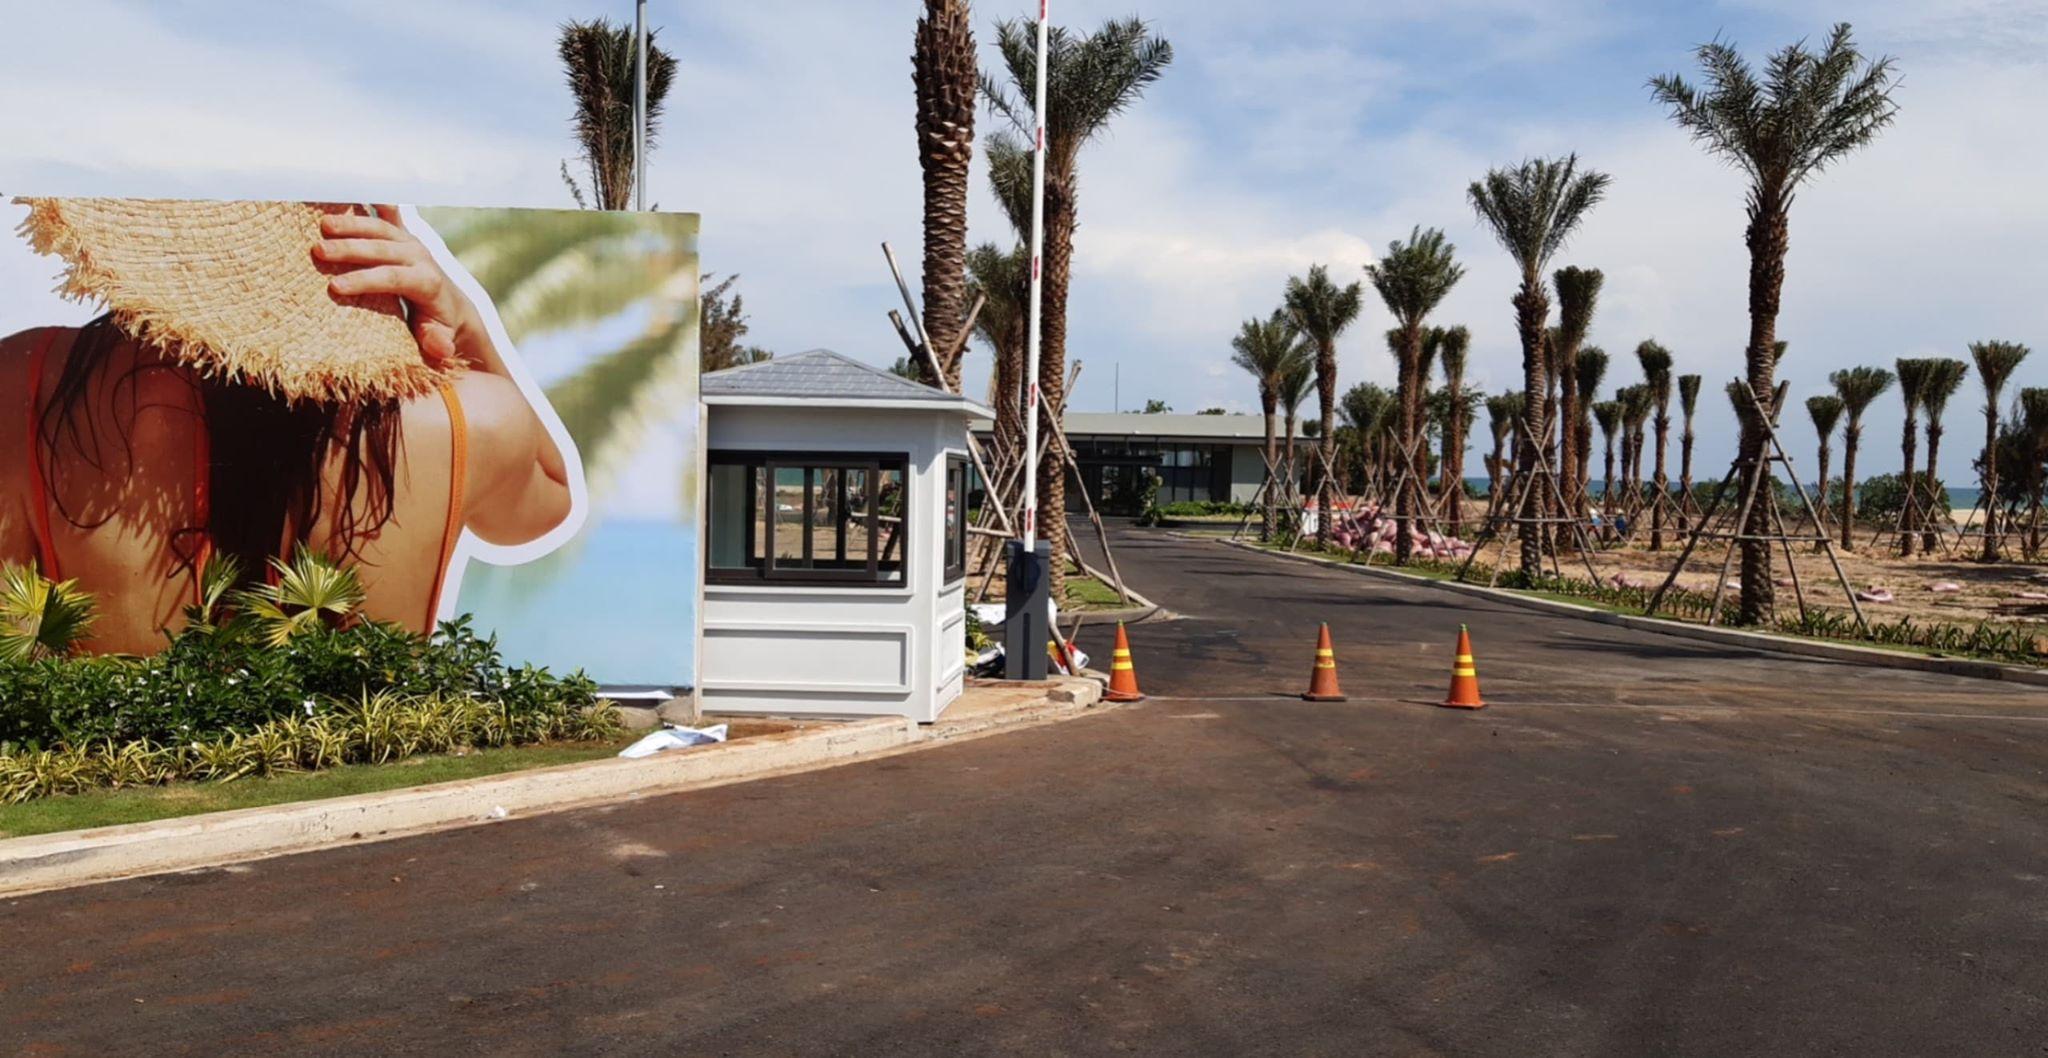 Chốt bảo vệ mái nhọn lắp đặt tại Casino Hồ Tràm